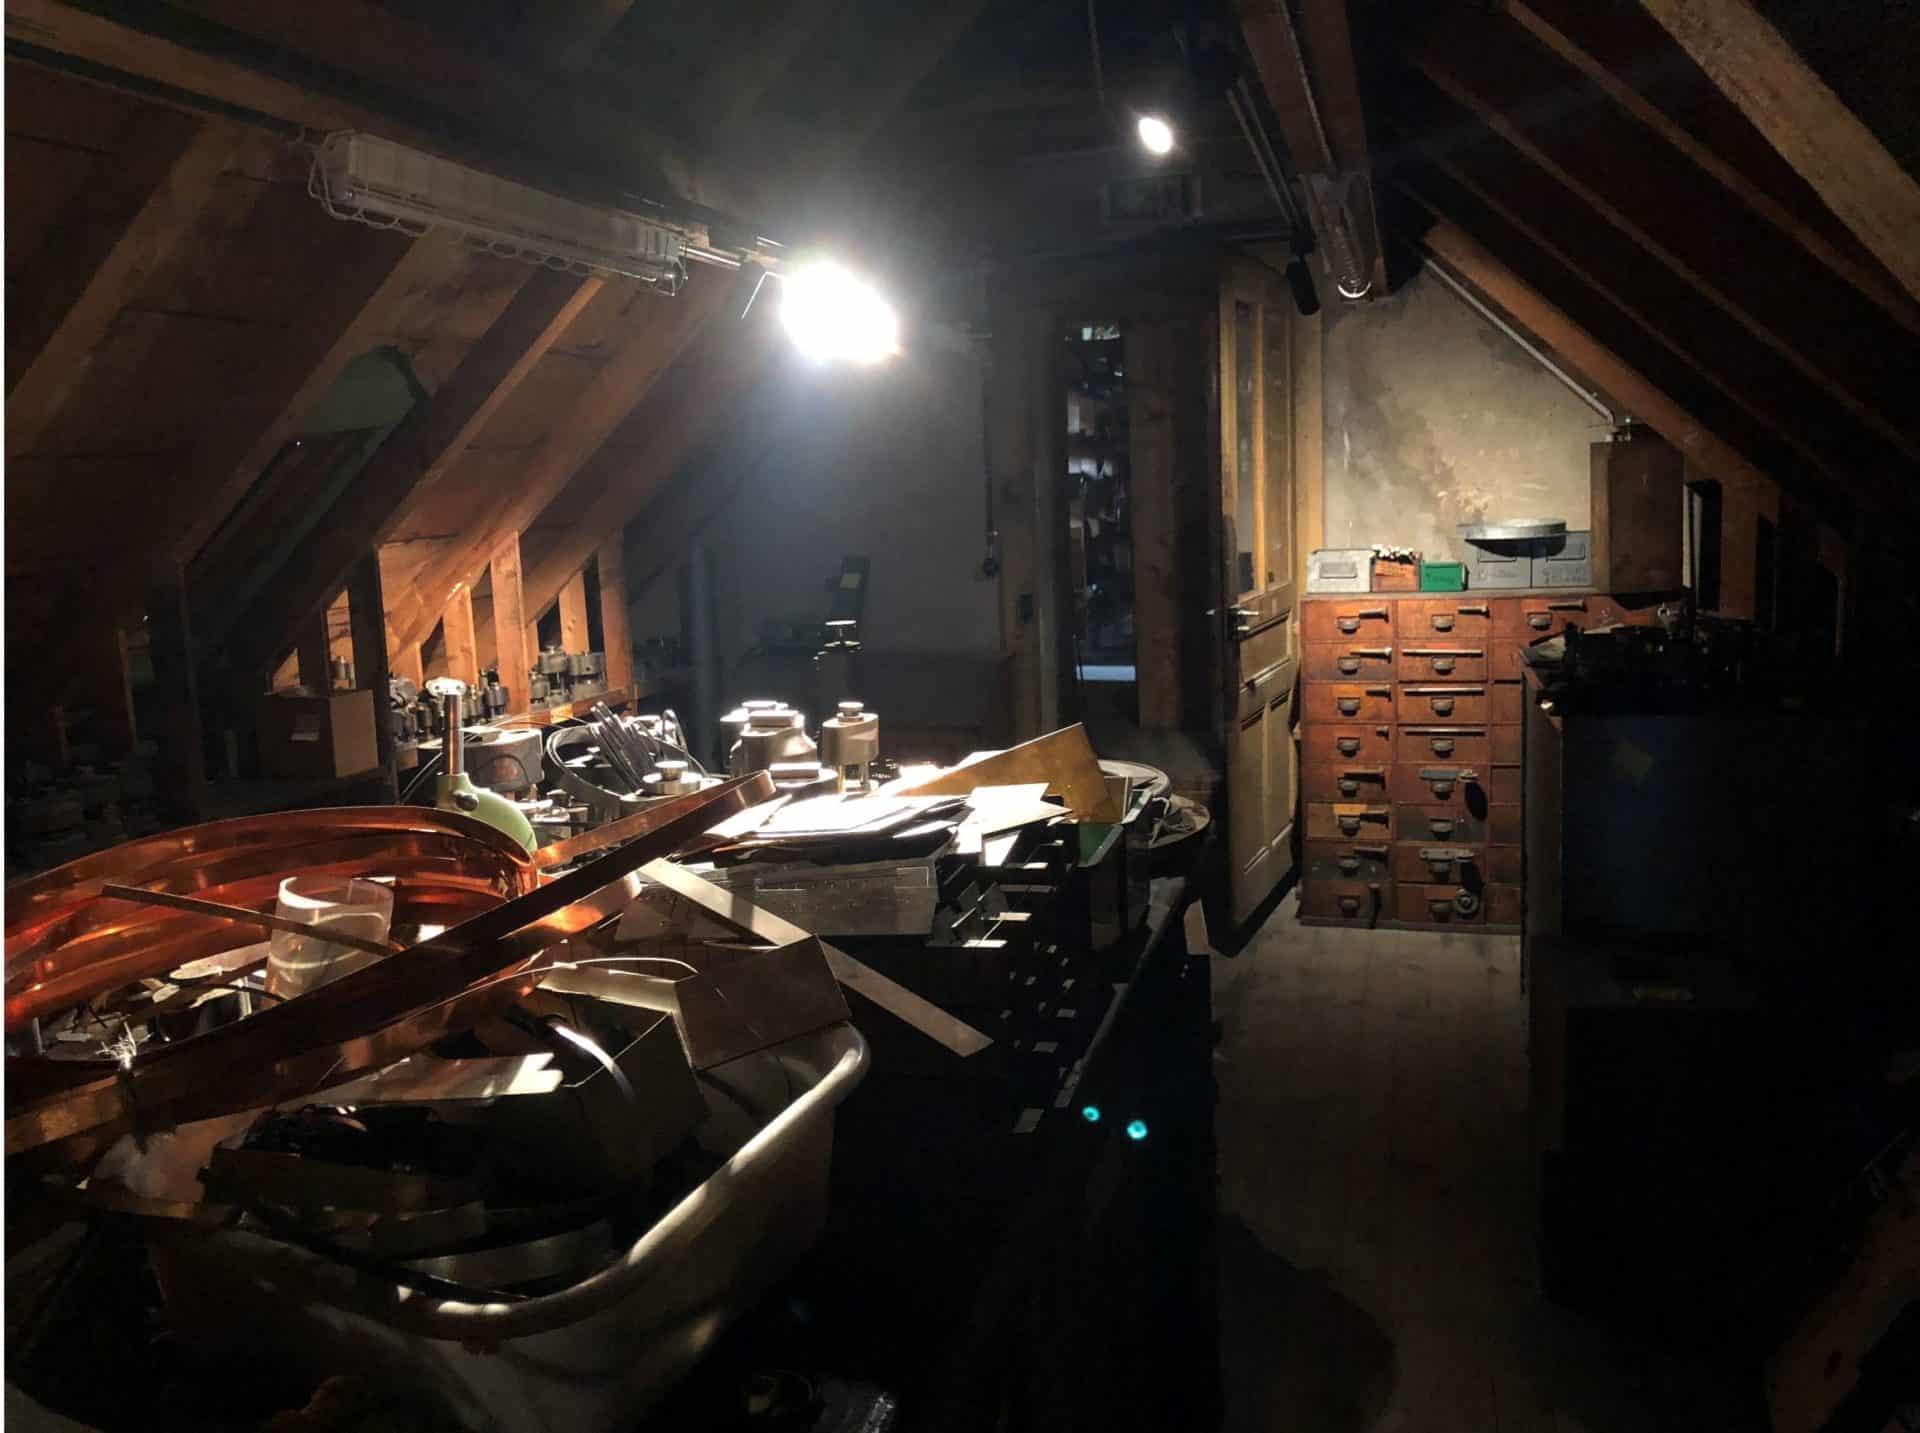 Der dunkle und verwinkelte Dachboden der alten Zenith Uhrenmanufaktur